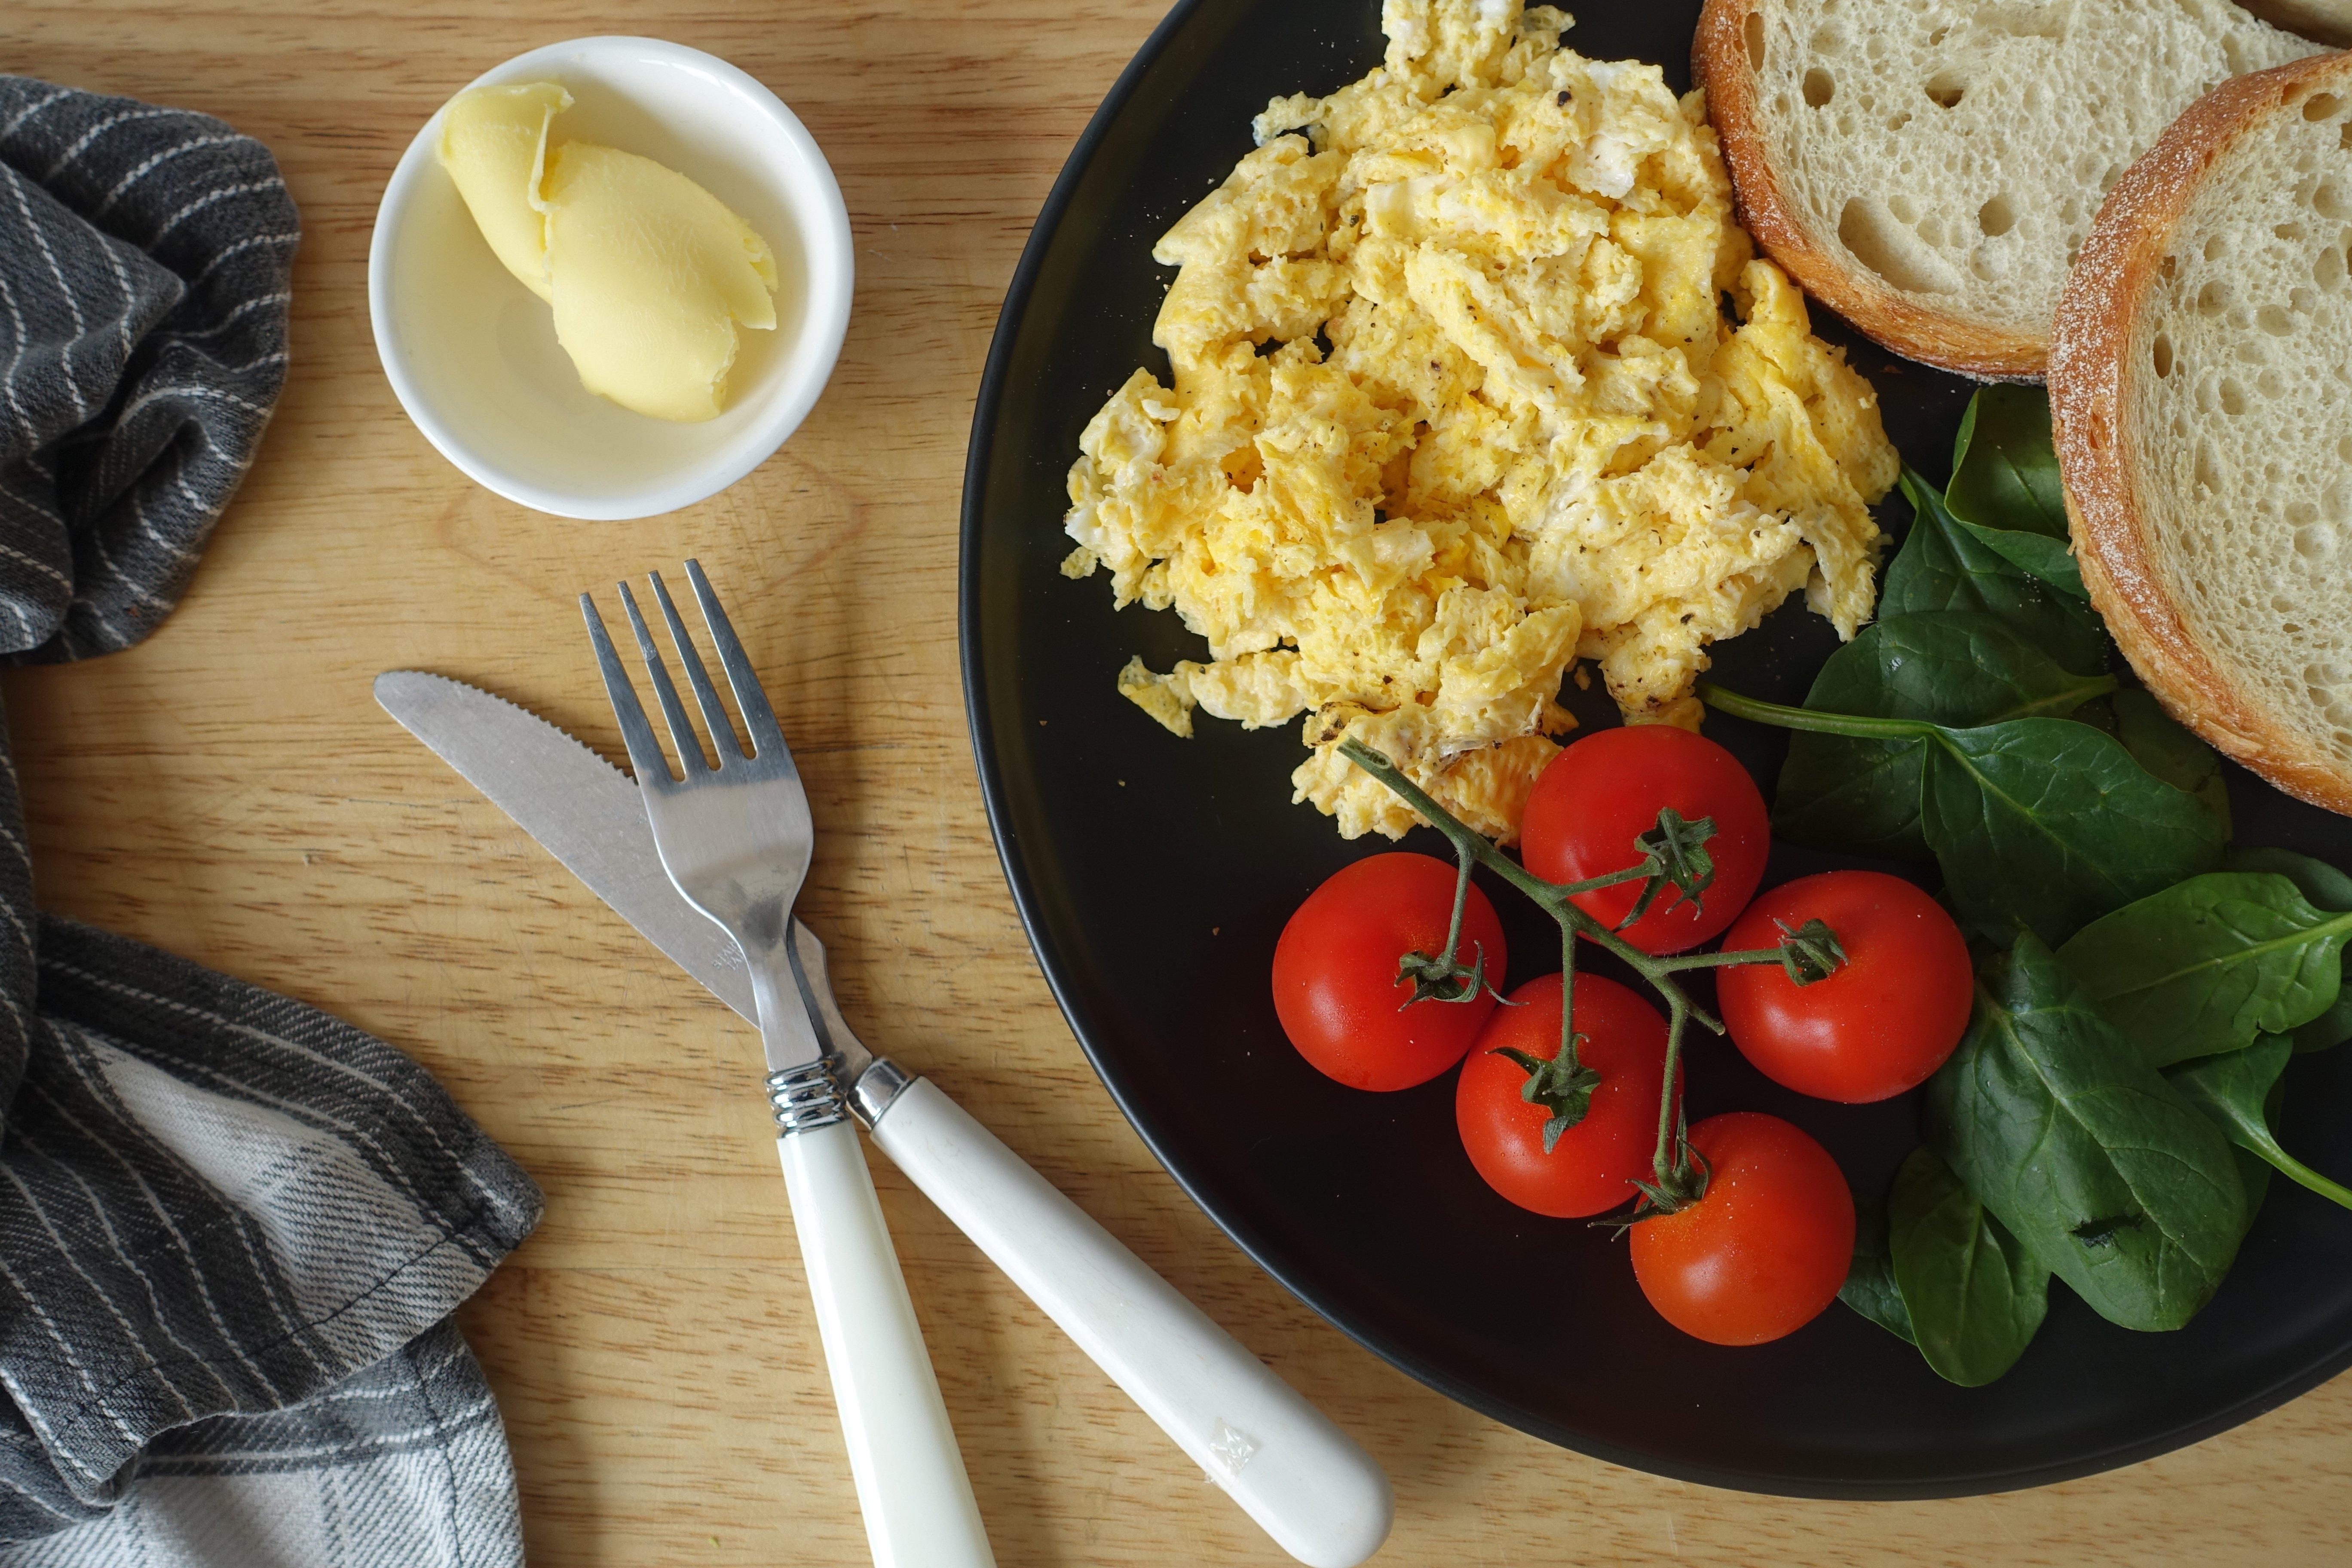 Microwave Scrambled Eggs Recipe